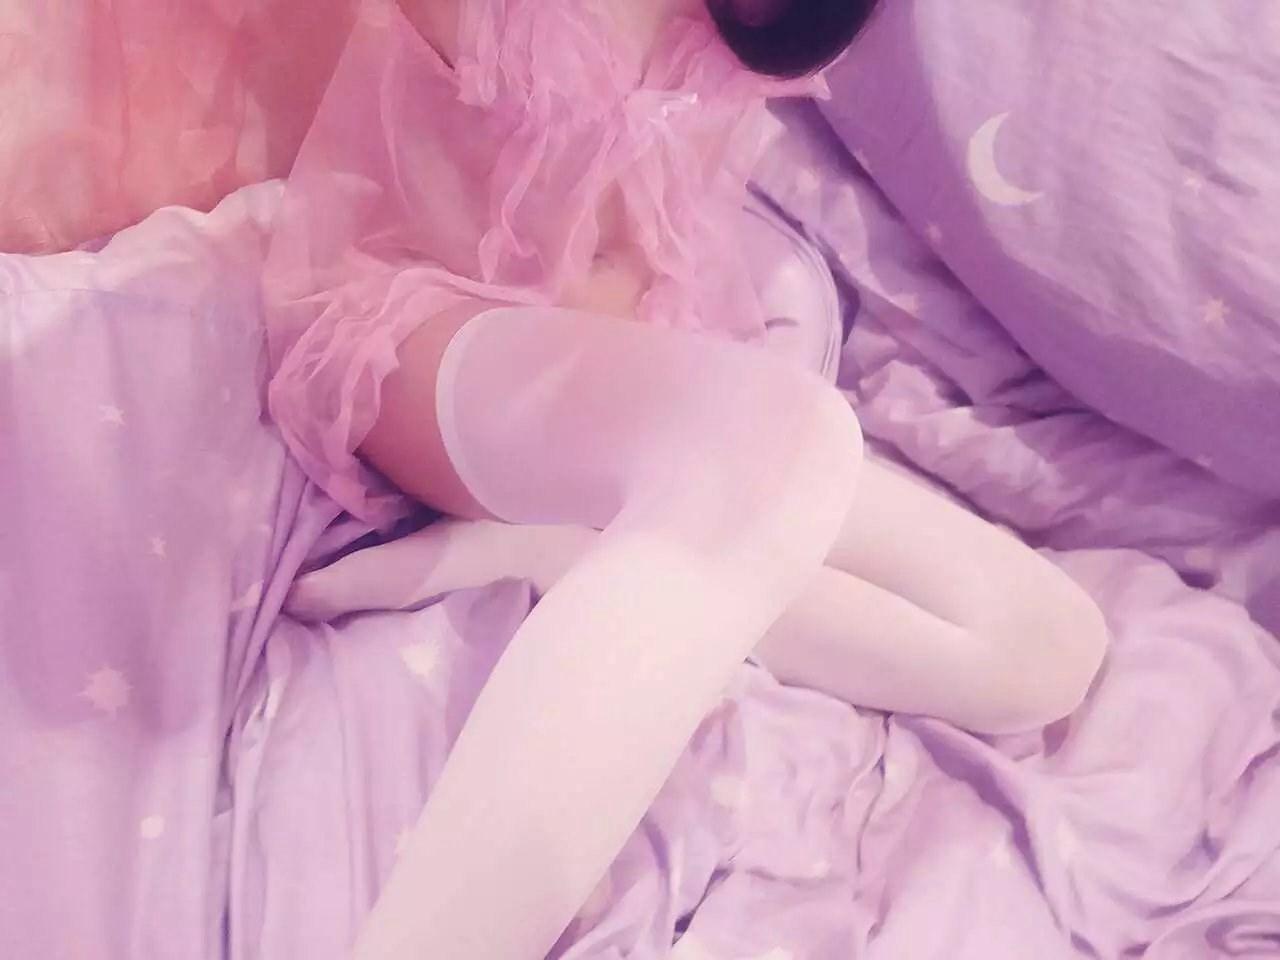 【兔玩映画】萌妹自拍 兔玩映画 第24张